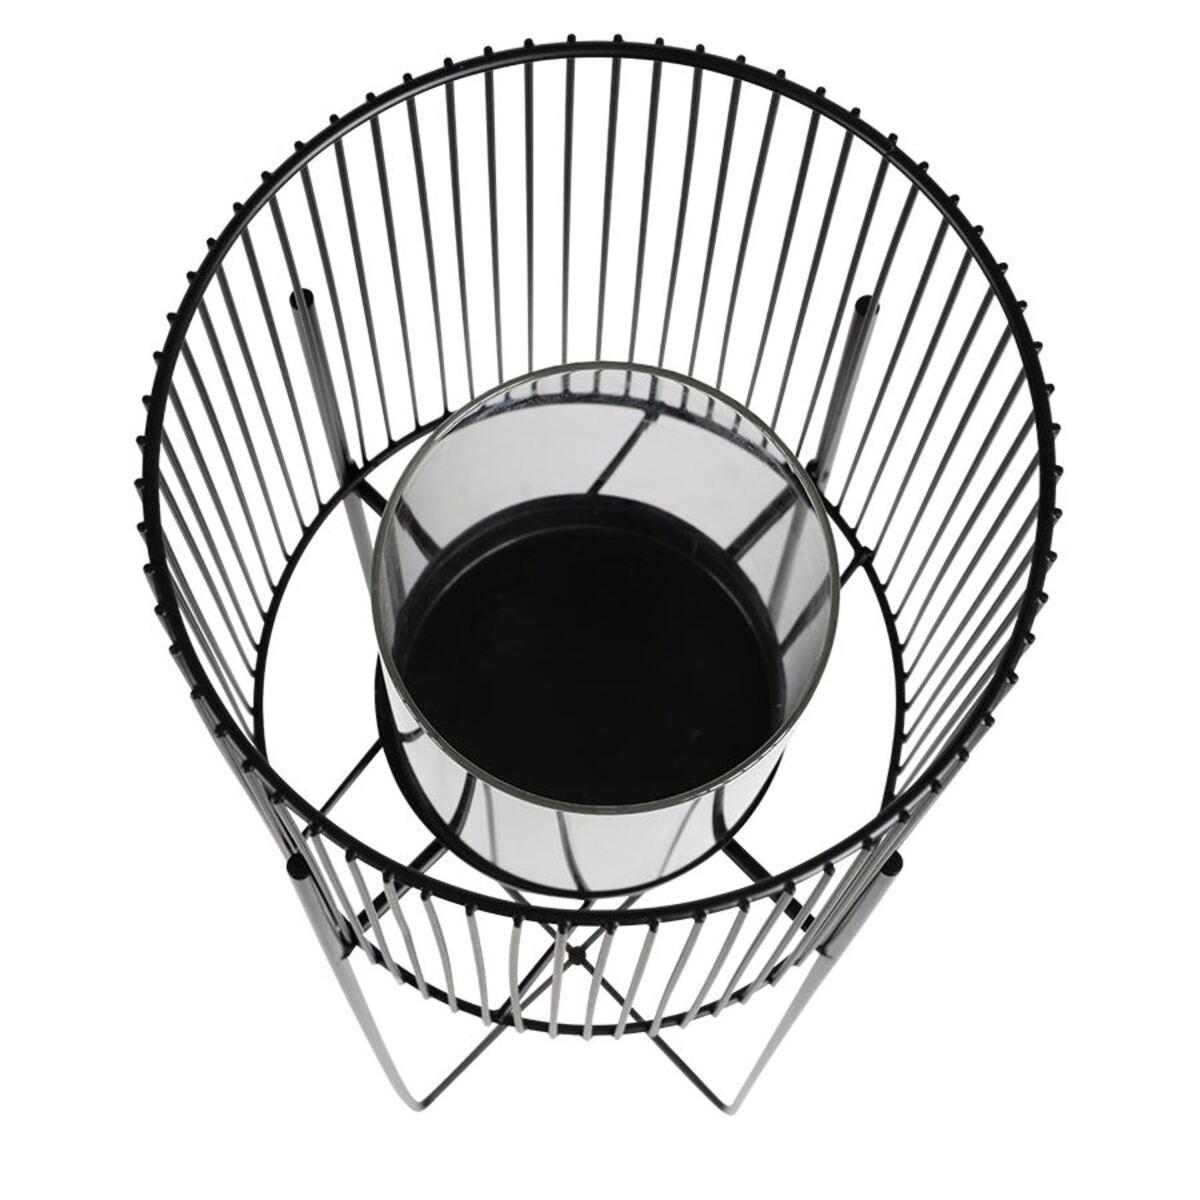 Bild 5 von Metall-Windlicht mit Glaseinsatz 73cm